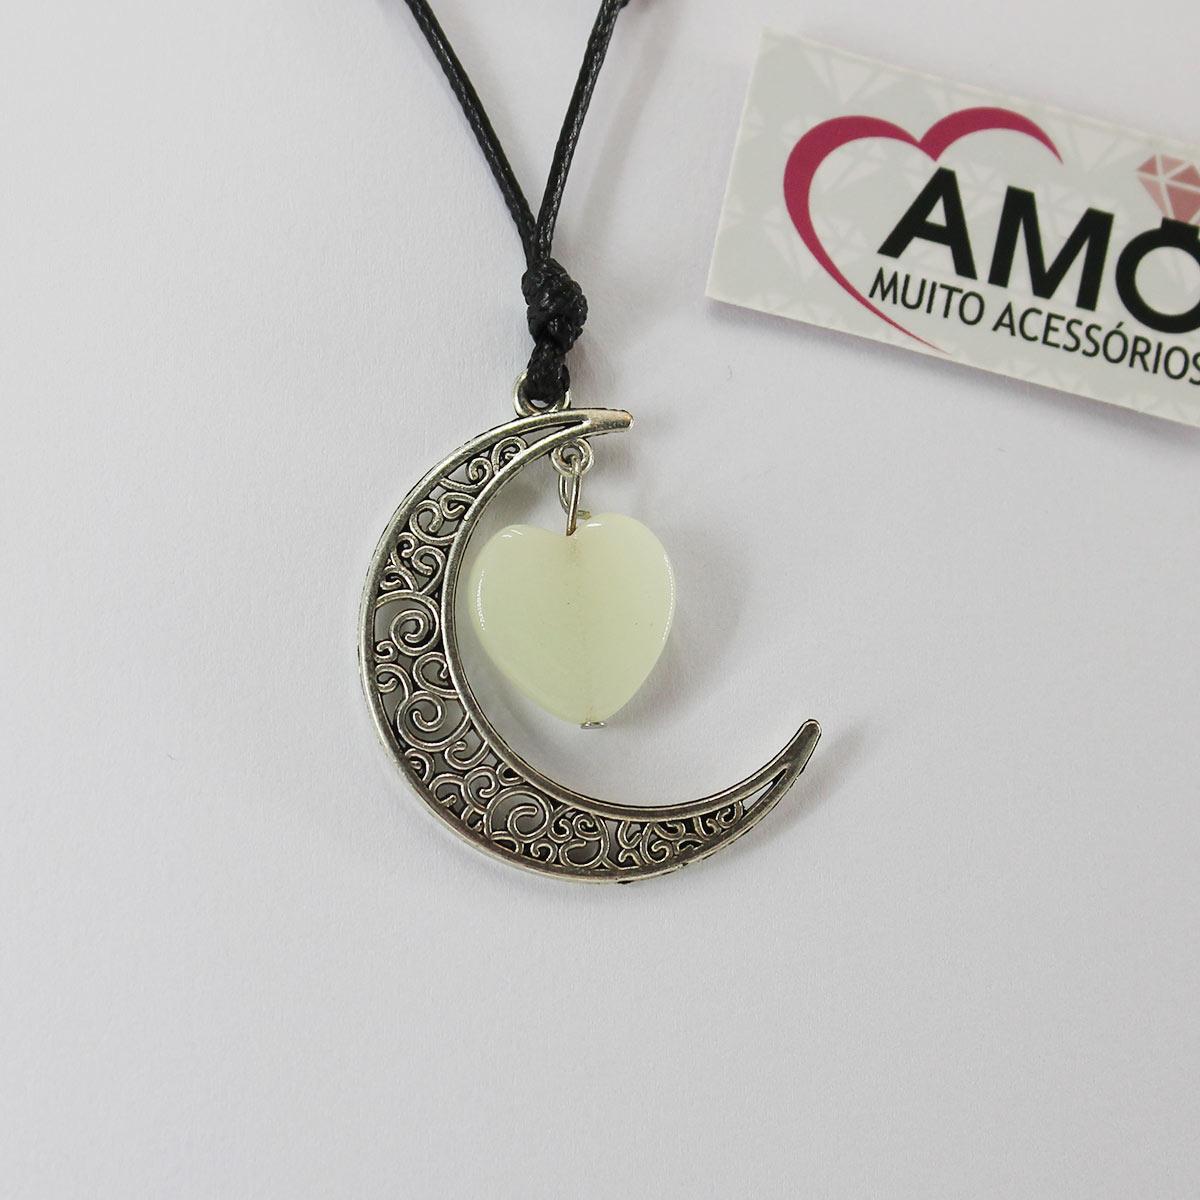 Colar Corrente Ajustável Pingente Meia Lua Com Pedra Lapidada - Coração Pedra Brilha No Escuro